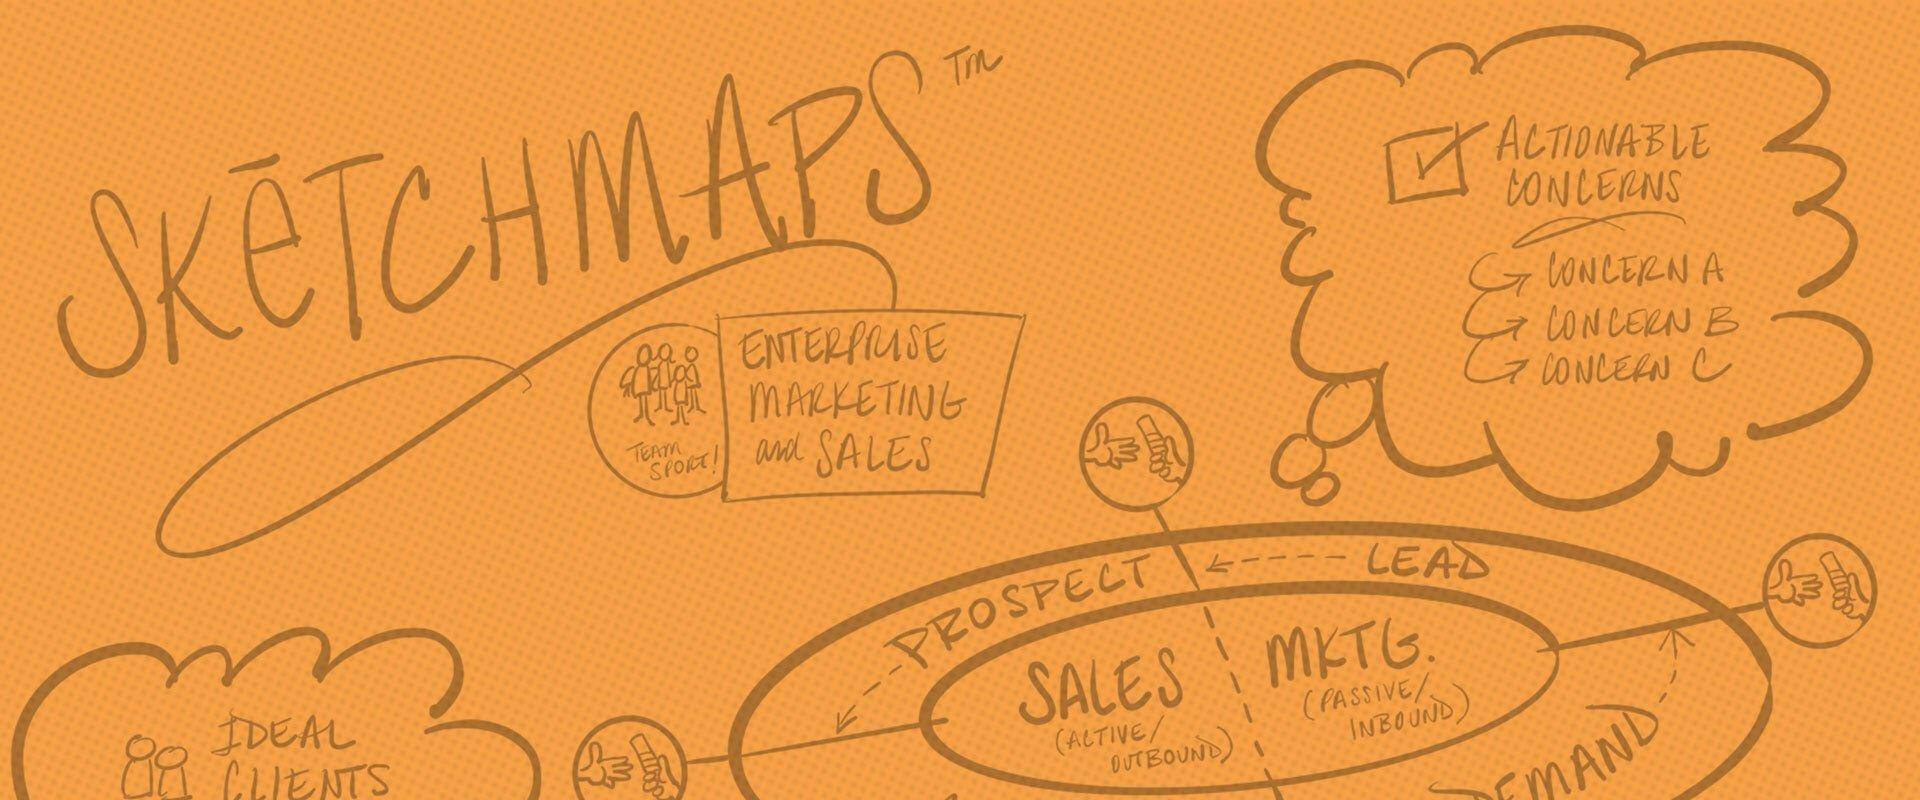 2-of-3-nocrop-sketchmaps